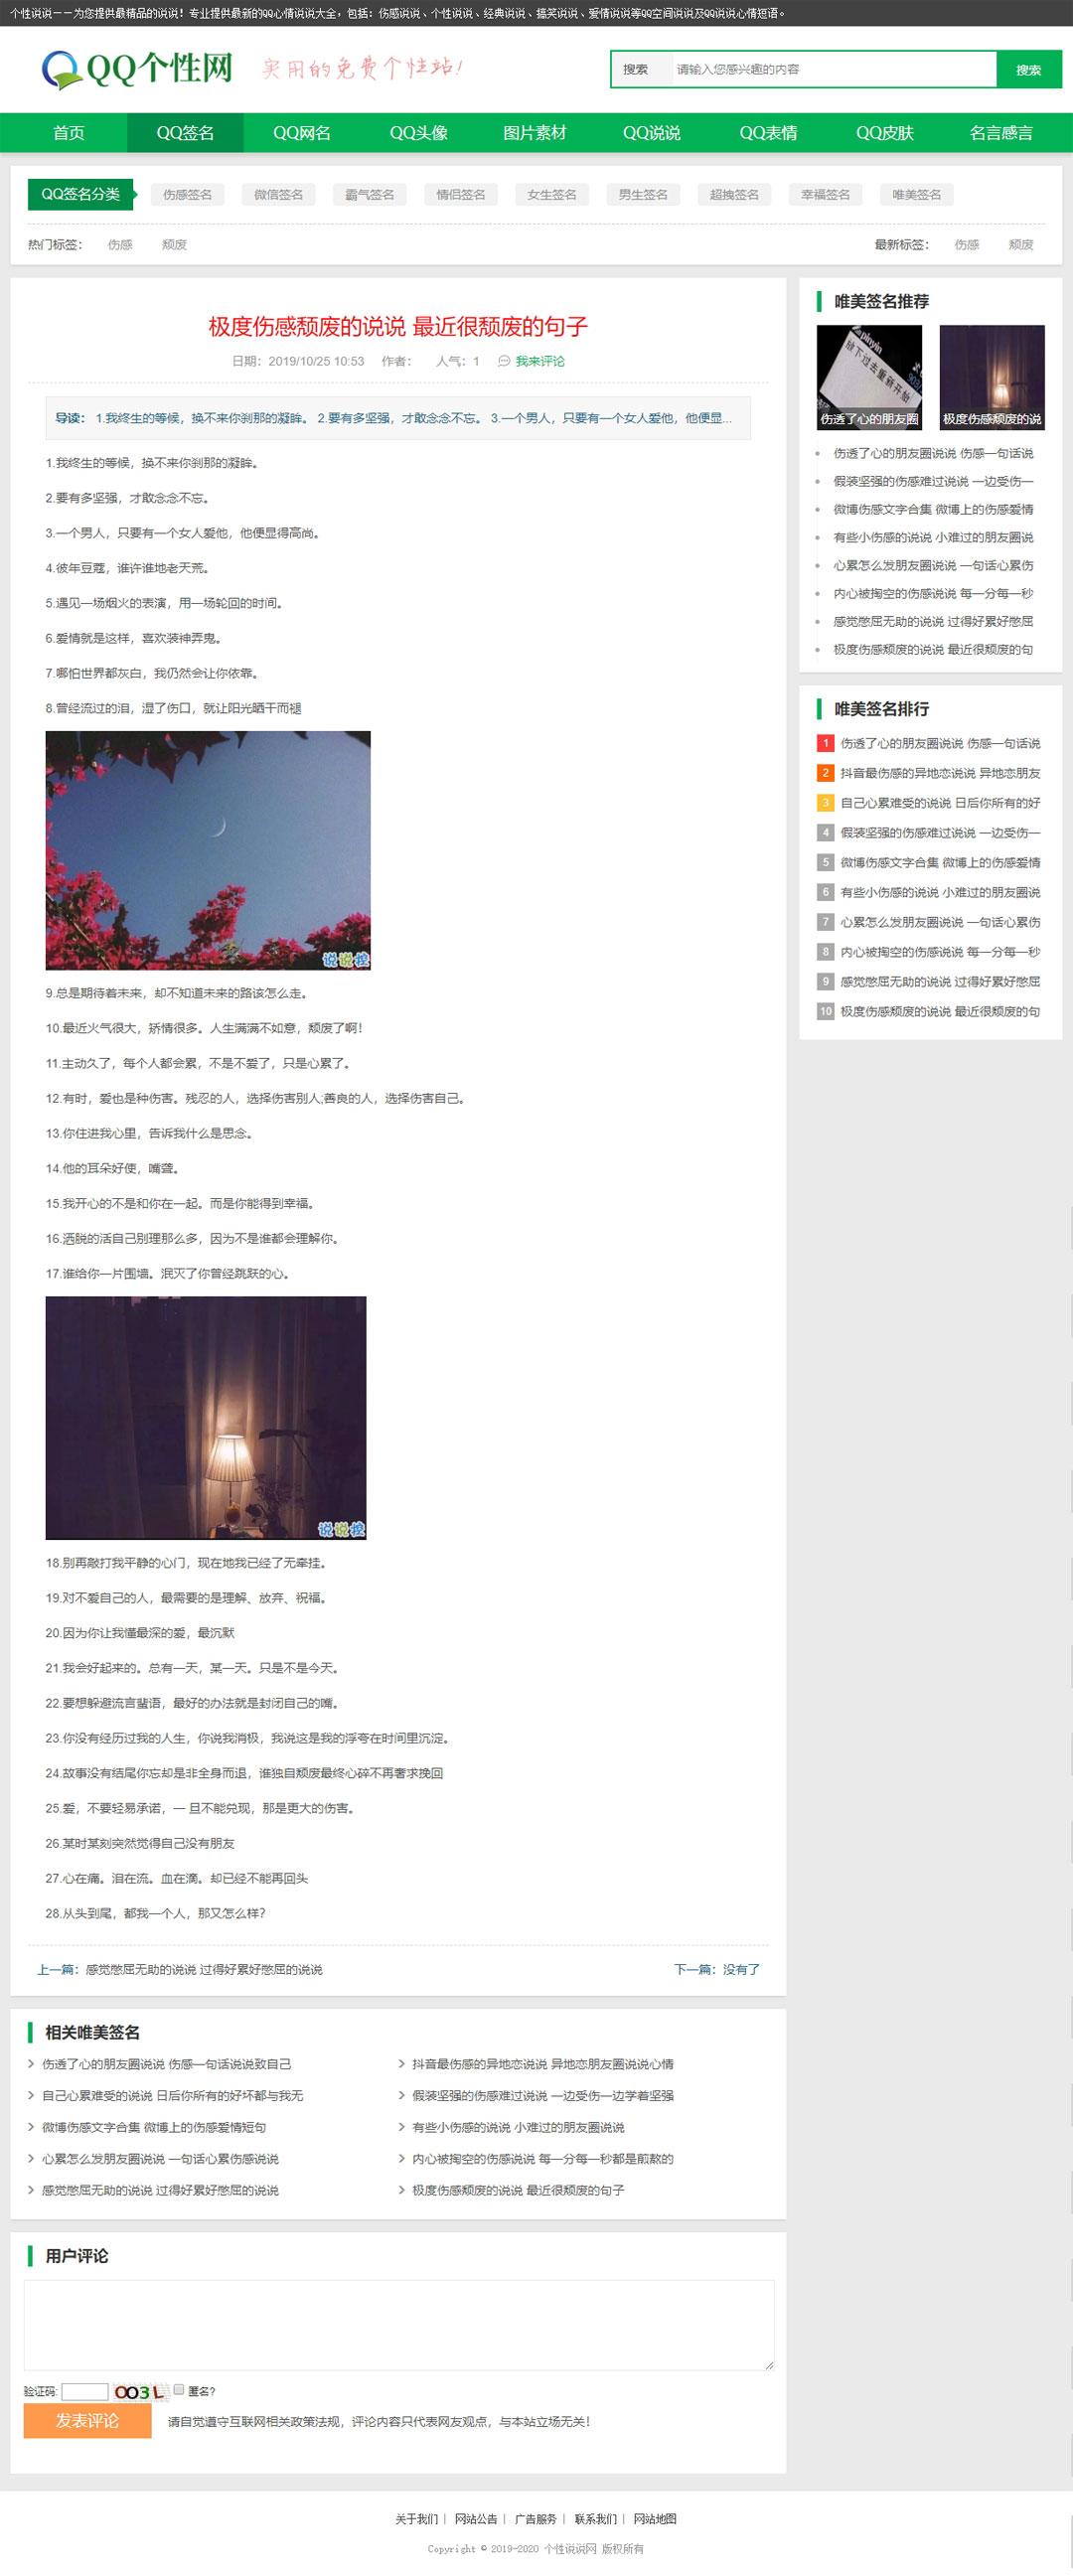 QQ说说个性网 织梦CMS整站模板 带采集-第4张